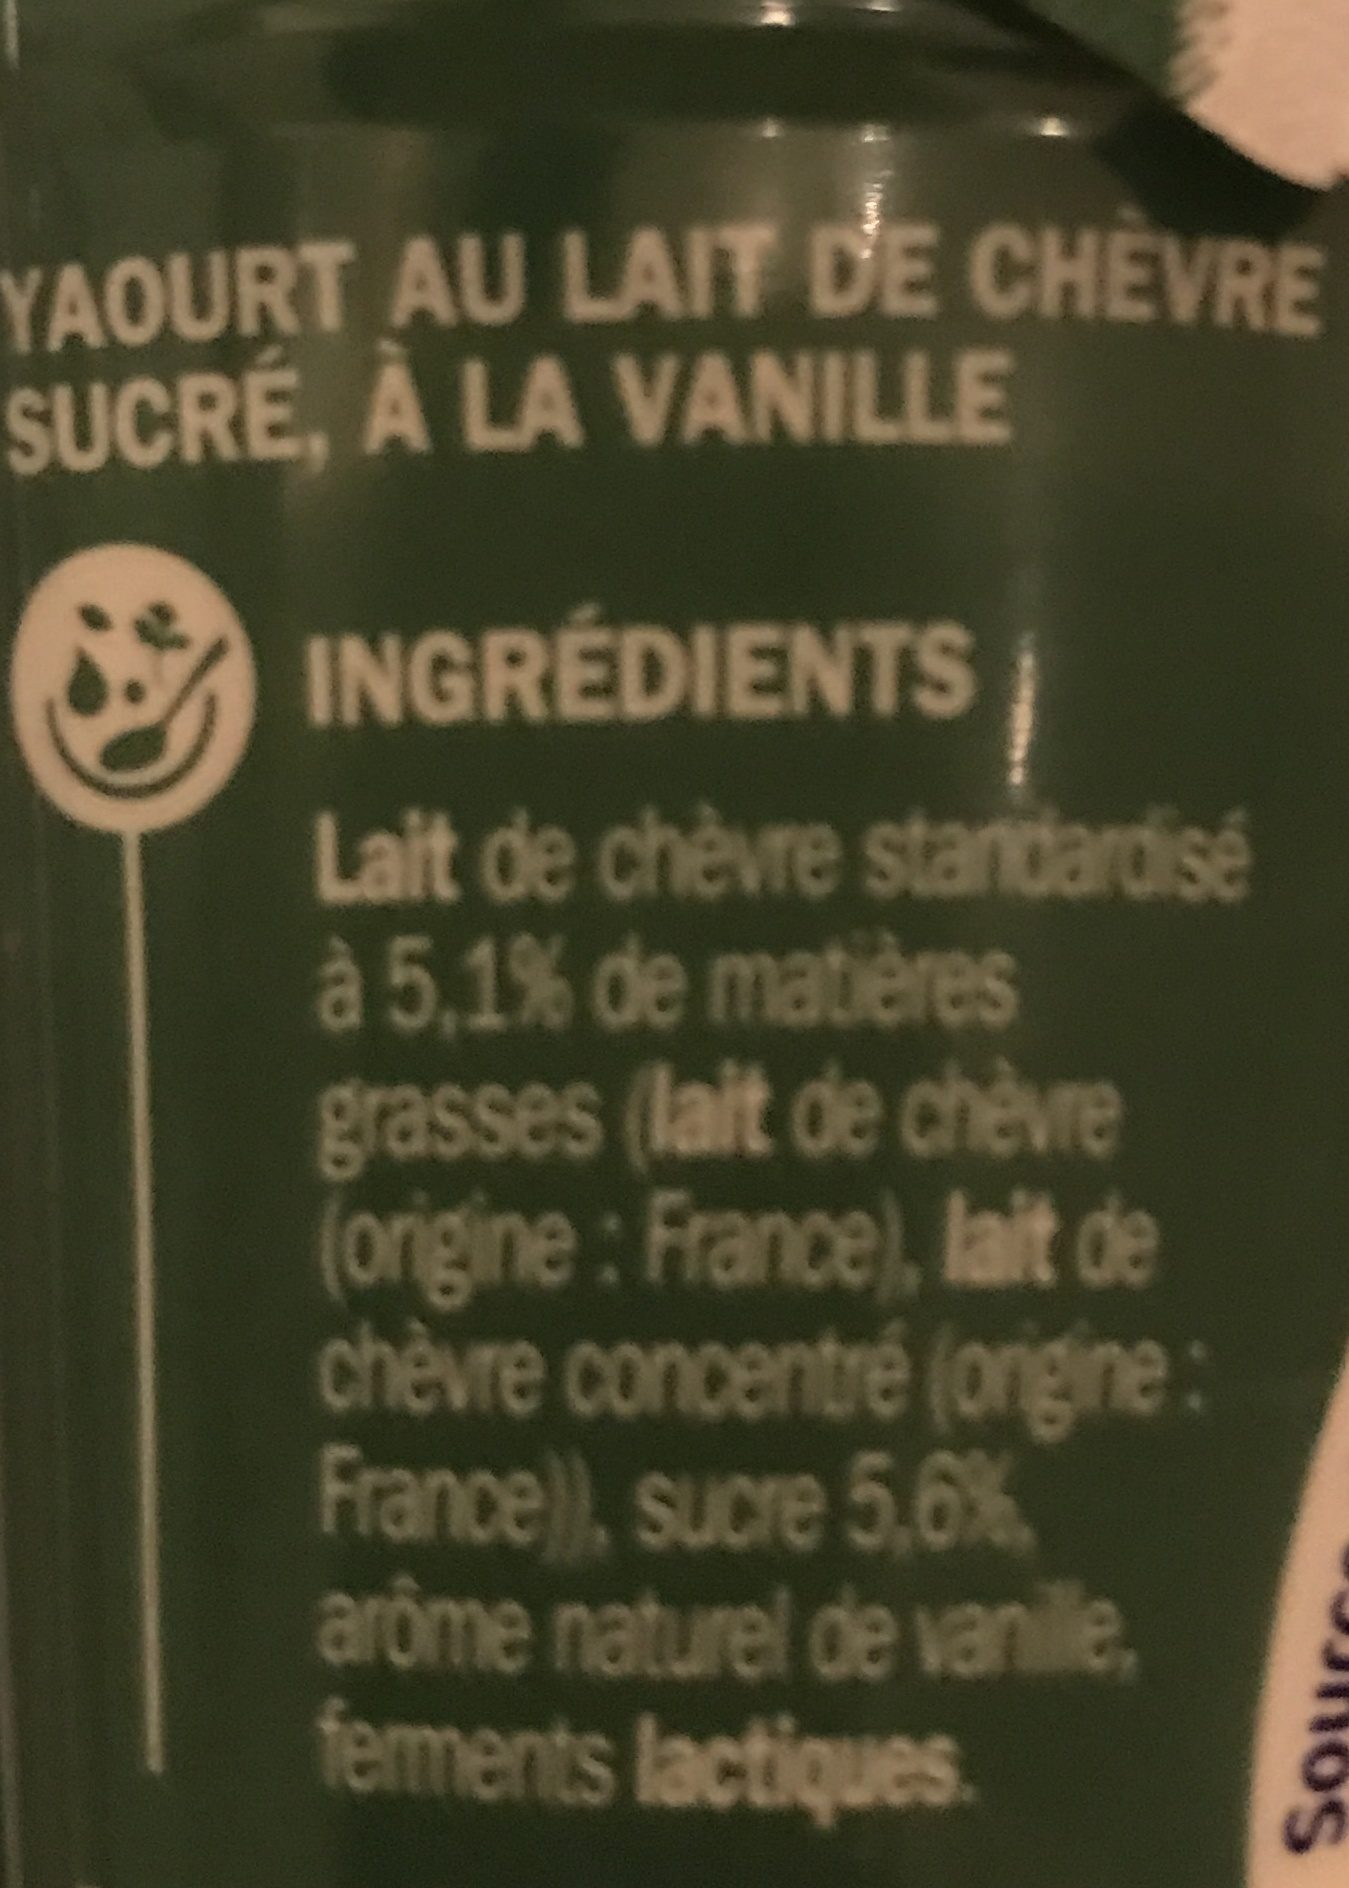 Yaourt au lait de chèvre vanille - Ingrediënten